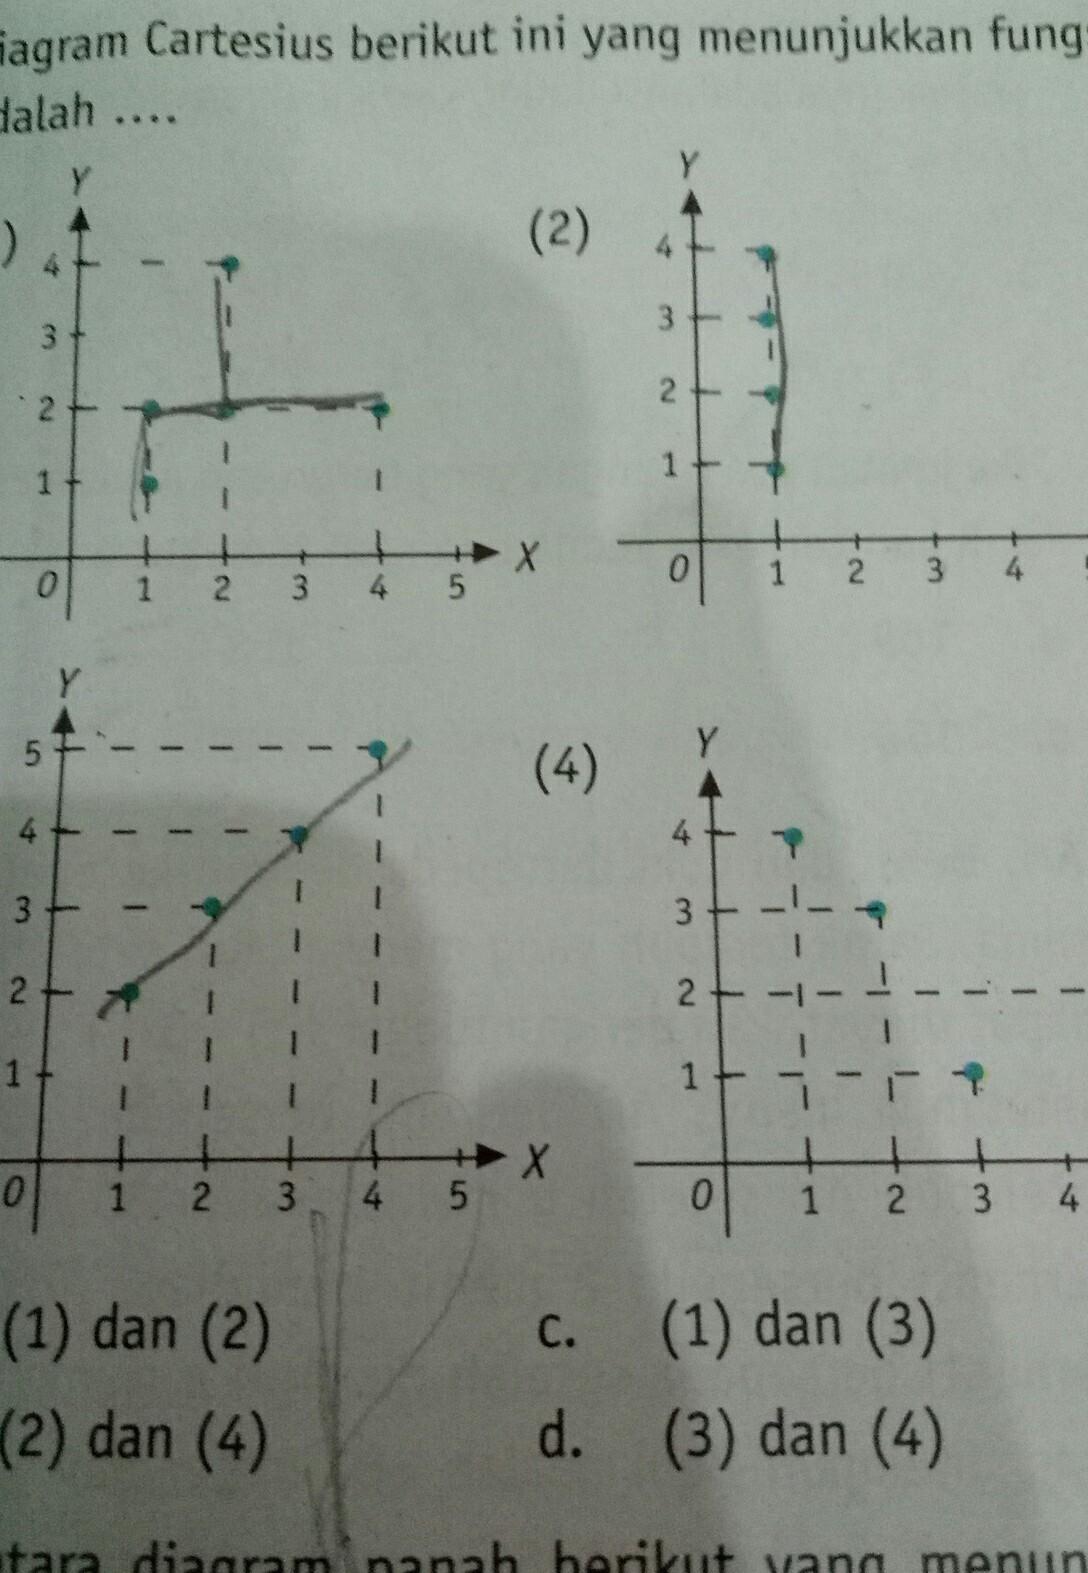 Diagram cartesius berikut ini yang menunjukkan fungsi adalah diagram cartesius berikut ini yang menunjukkan fungsi adalah ccuart Gallery